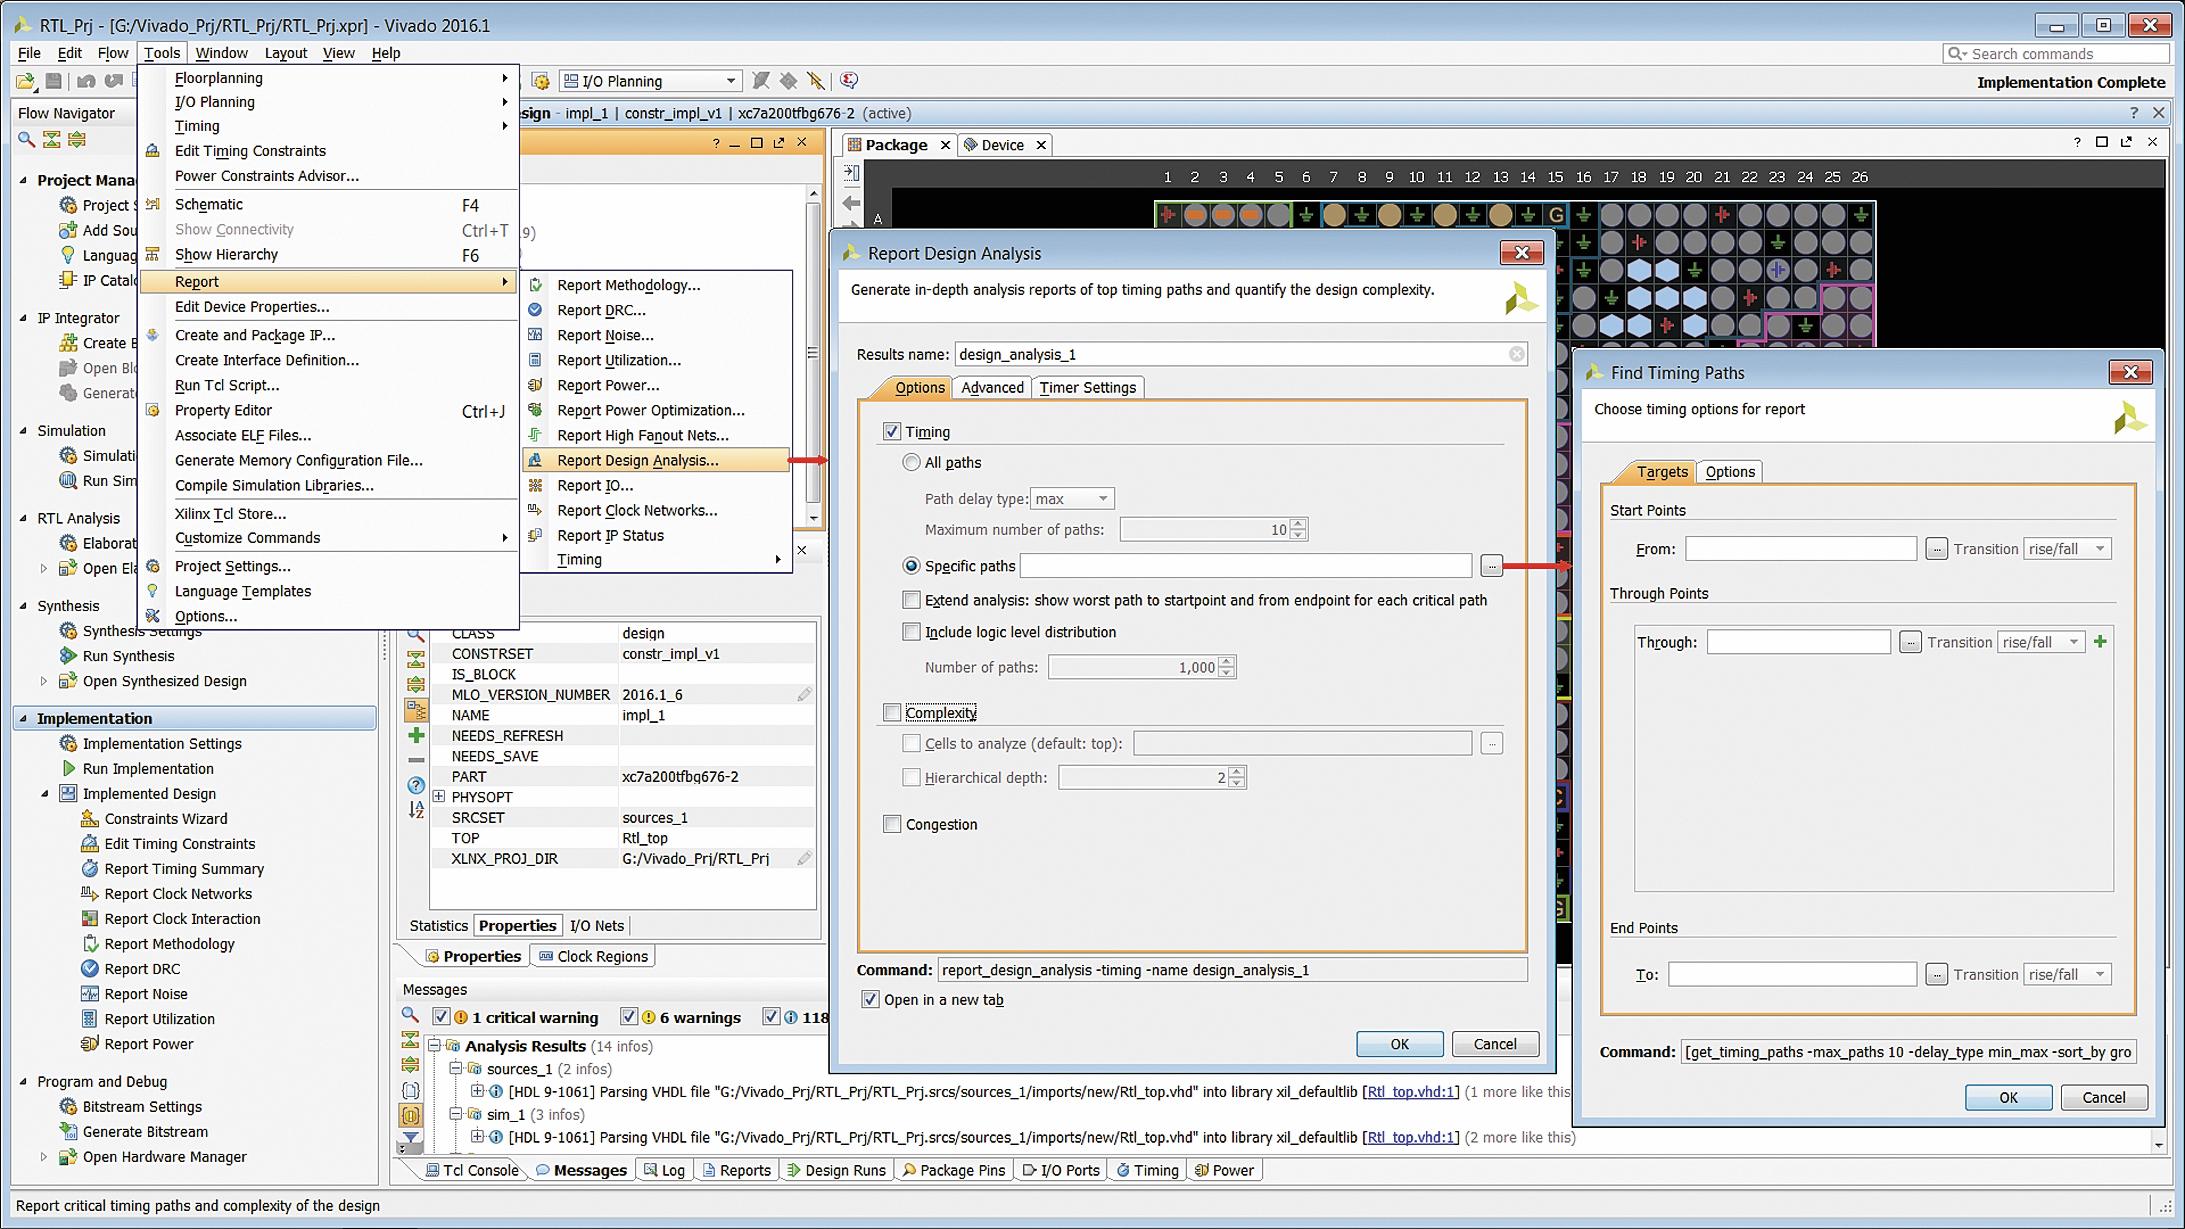 Установка основных параметров углубленного анализа проекта, реализованного в кристалле программируемой логики или расширяемой процессорной платформы